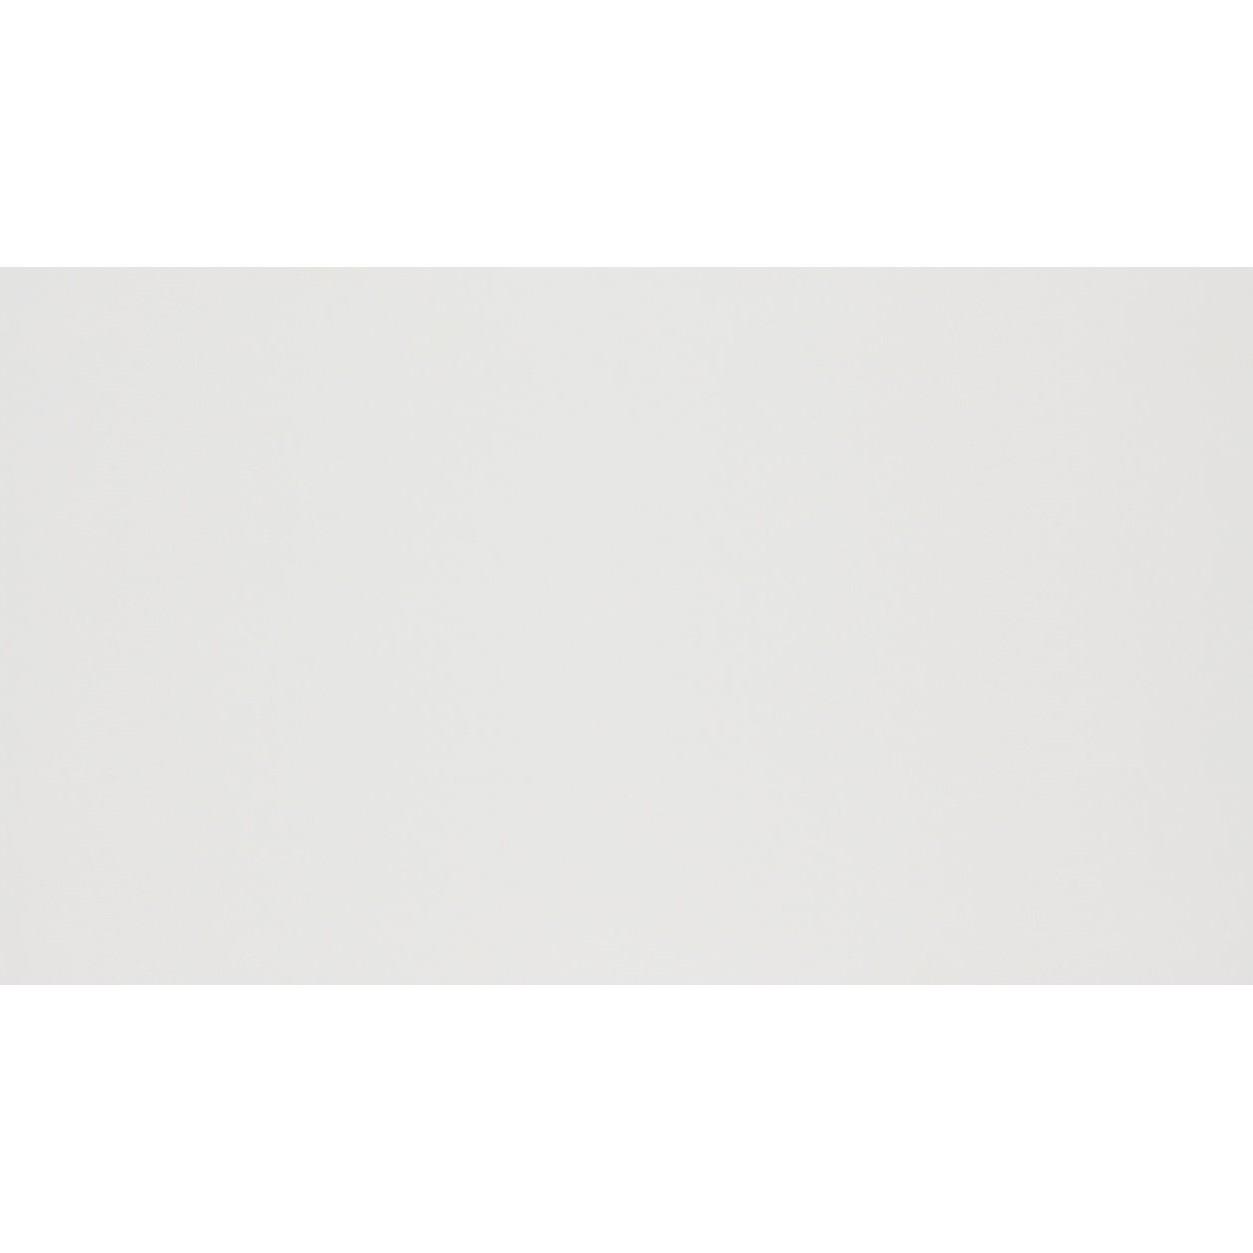 Revestimento Tipo A Forma Slim Acetinado 325x59cm 230m Cinza Claro - Eliane